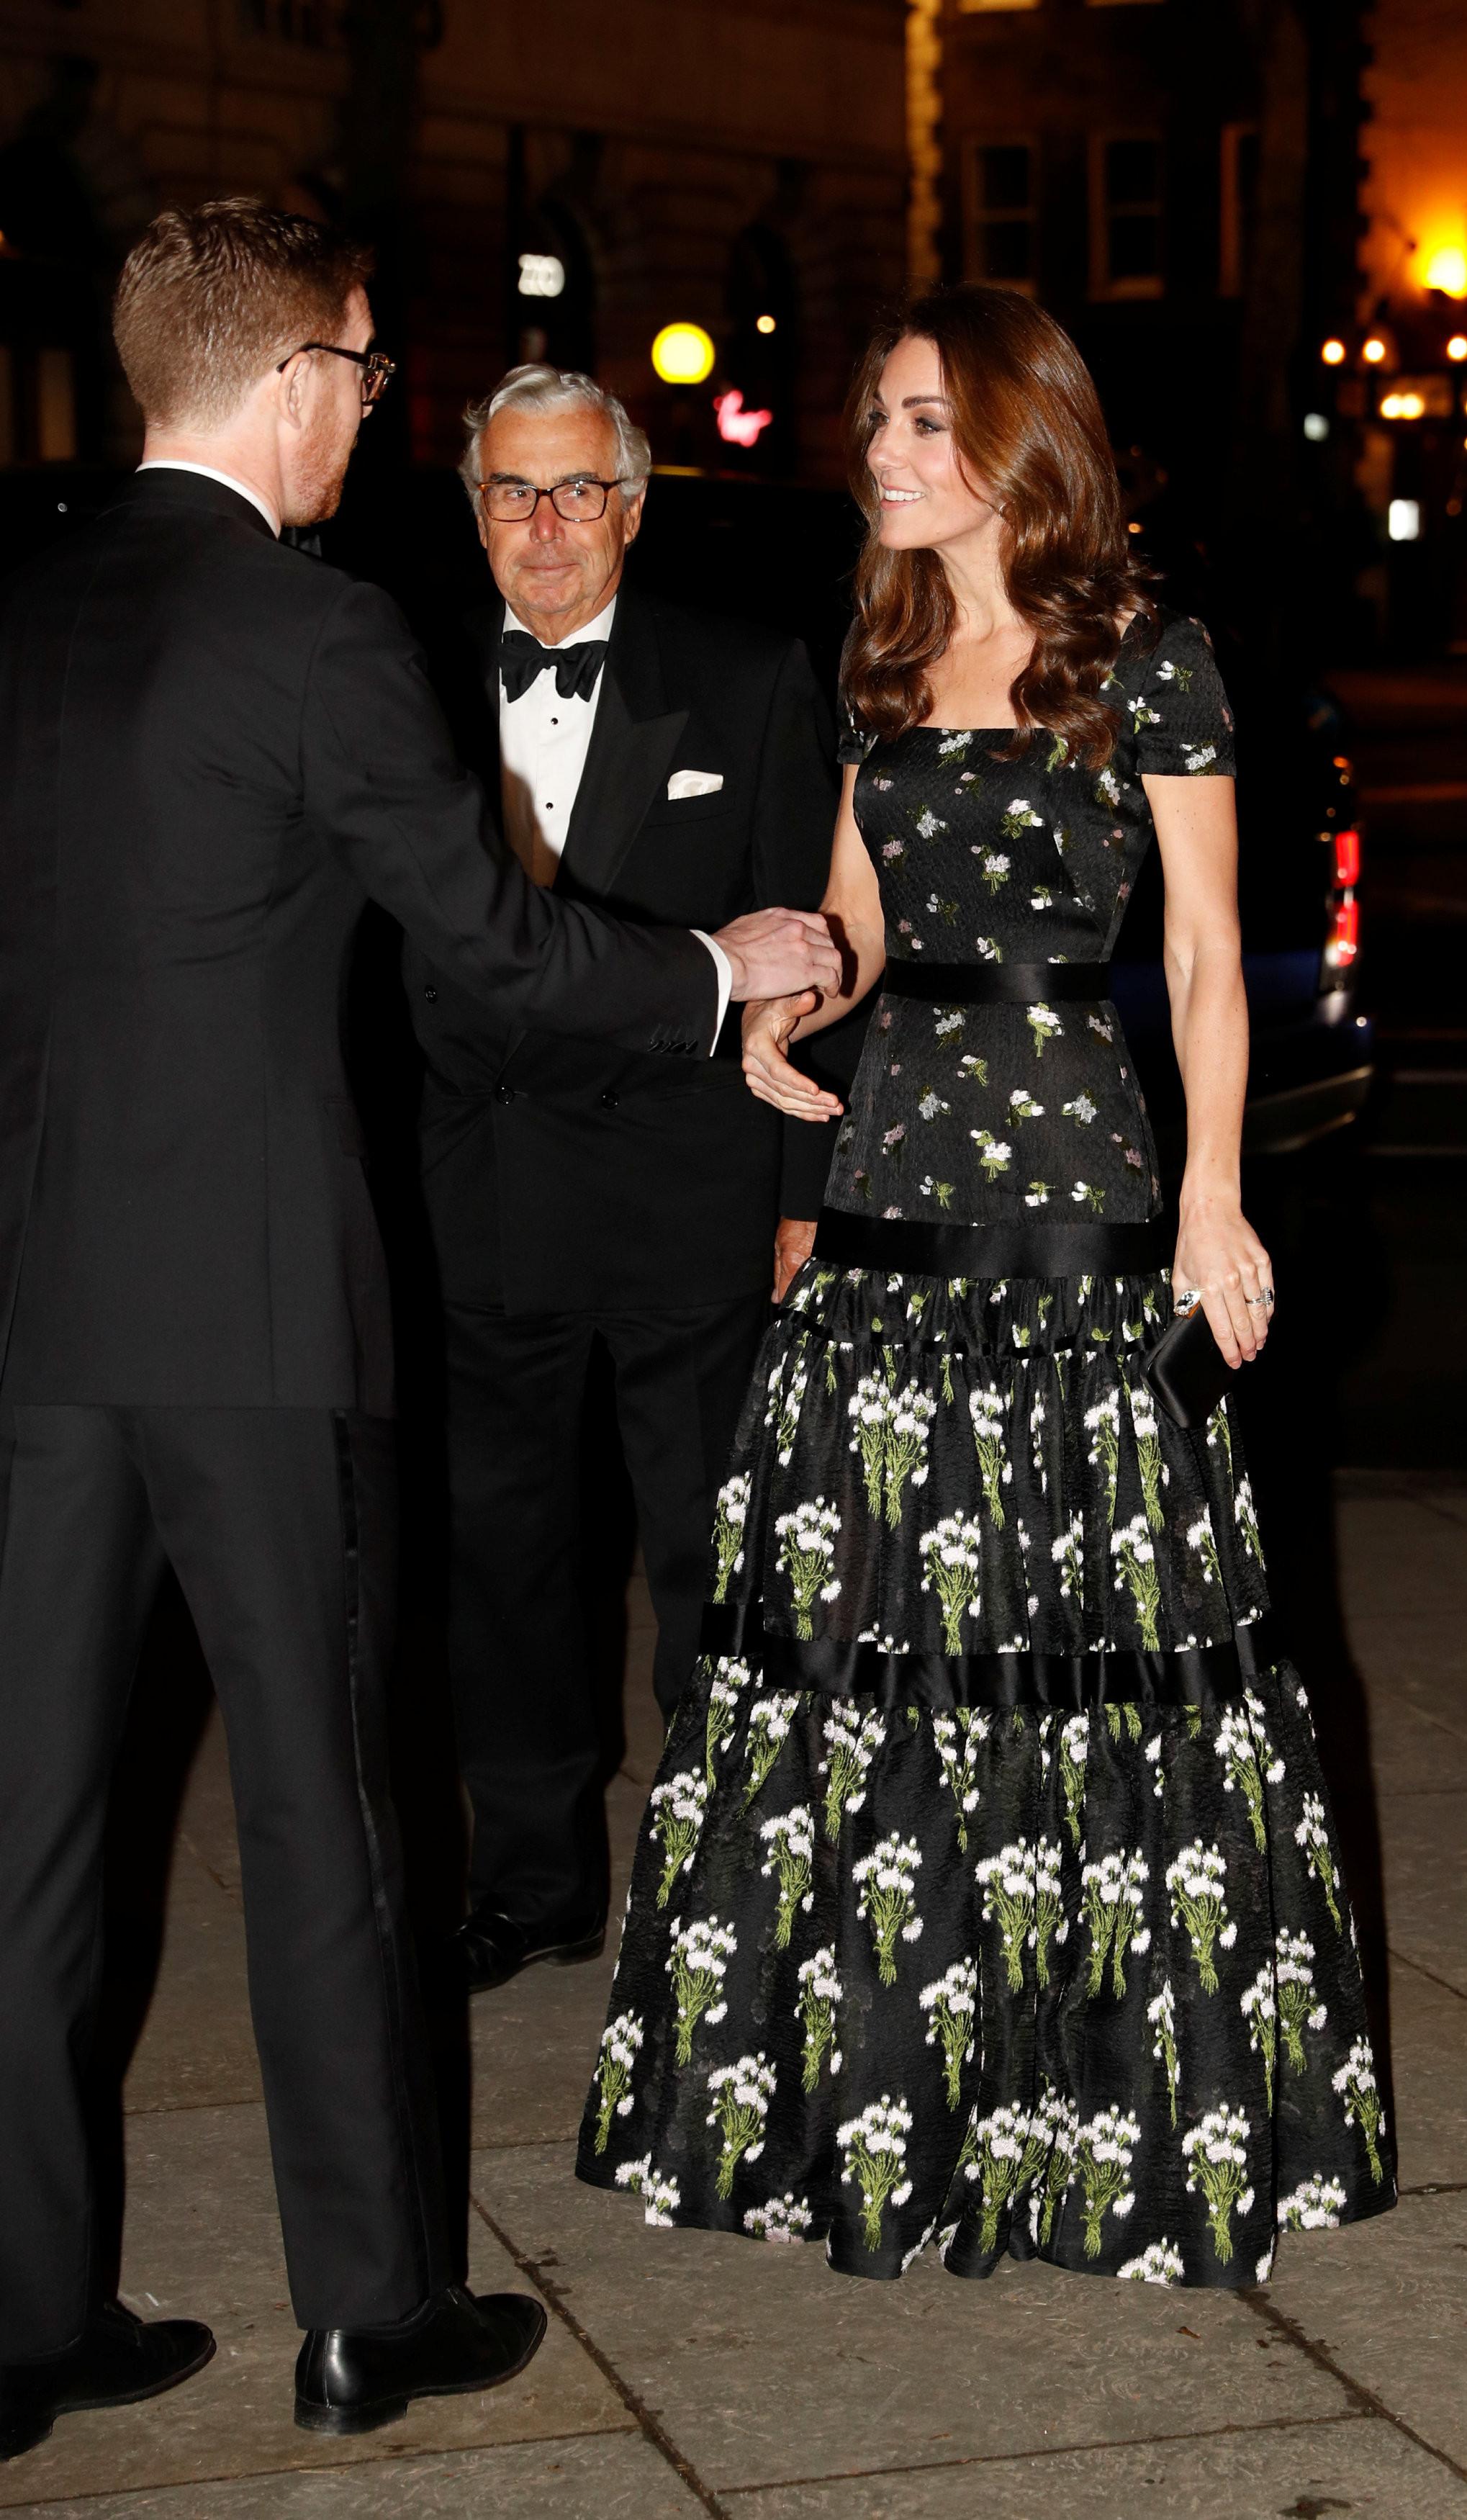 Kate Middleton deslumbrante com vestido floral em evento de arte